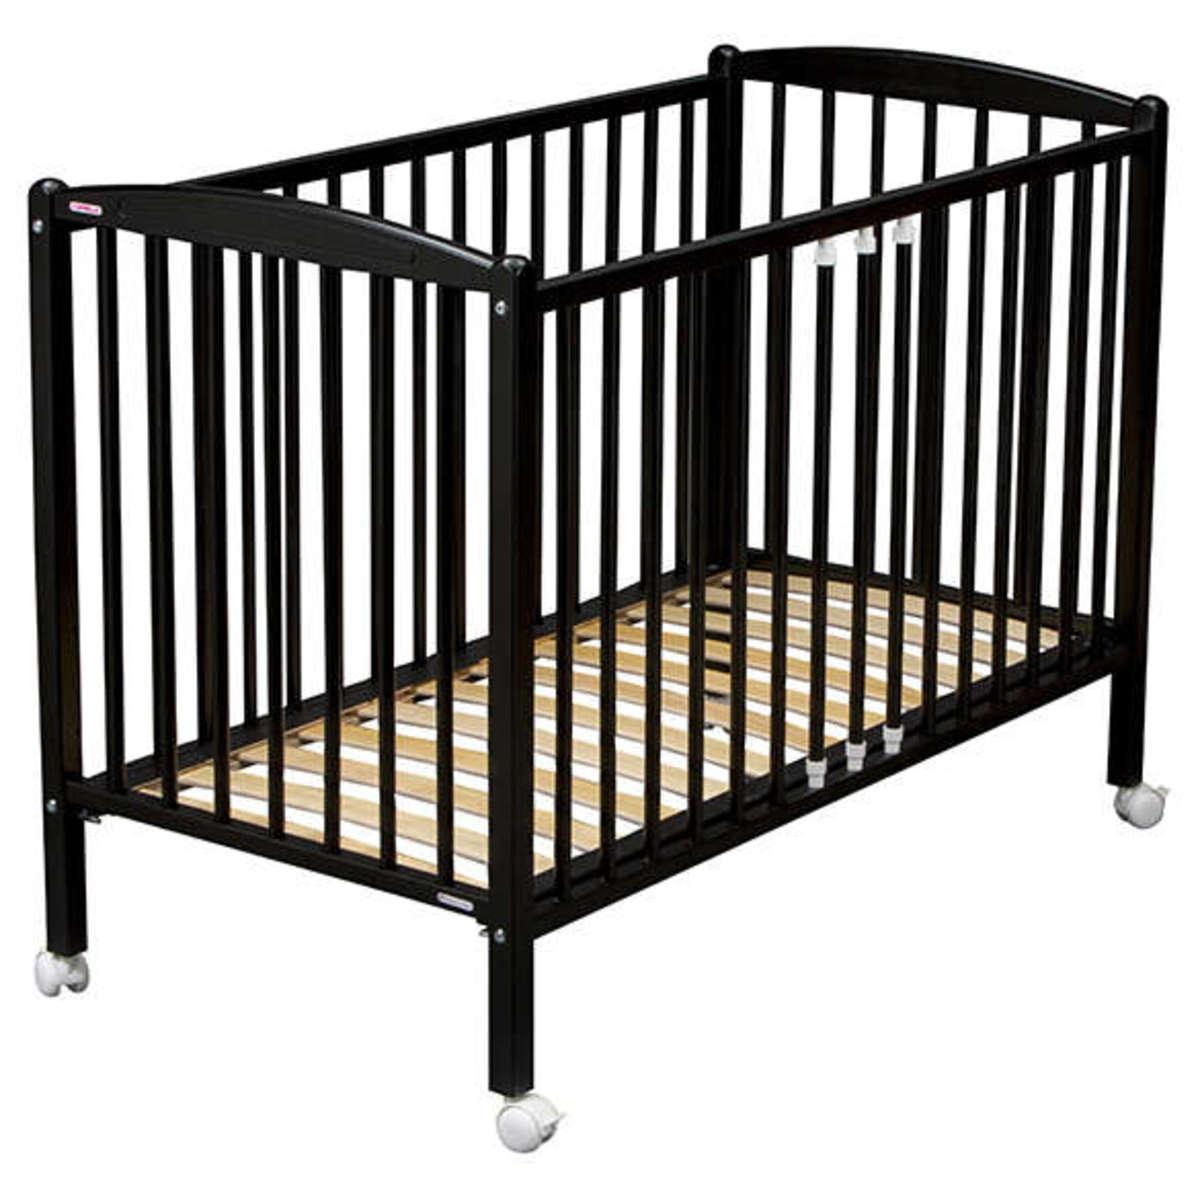 combelle lit b b arthur 60 x 120 cm laqu noir lit b b combelle sur l 39 armoire de b b. Black Bedroom Furniture Sets. Home Design Ideas